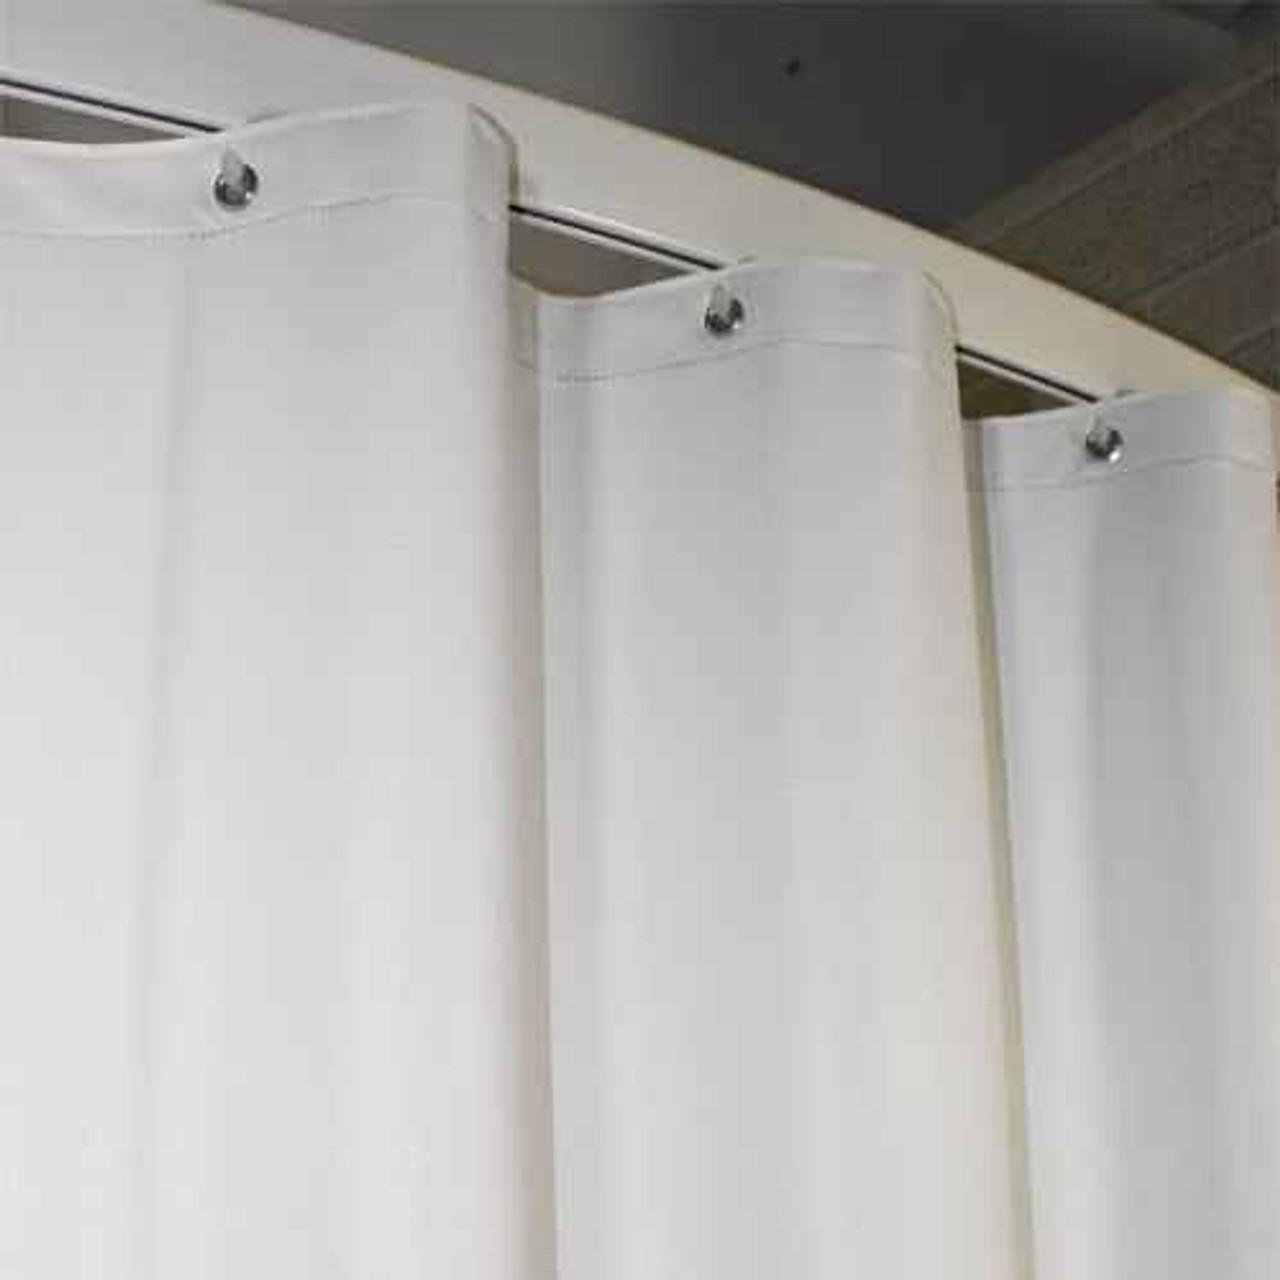 Kartri KARTRIor 10 GAUGE PEBBLESor VINYL SHOWER CURTAIN W/ METAL GROMMETS 72x72 PACK OF 12